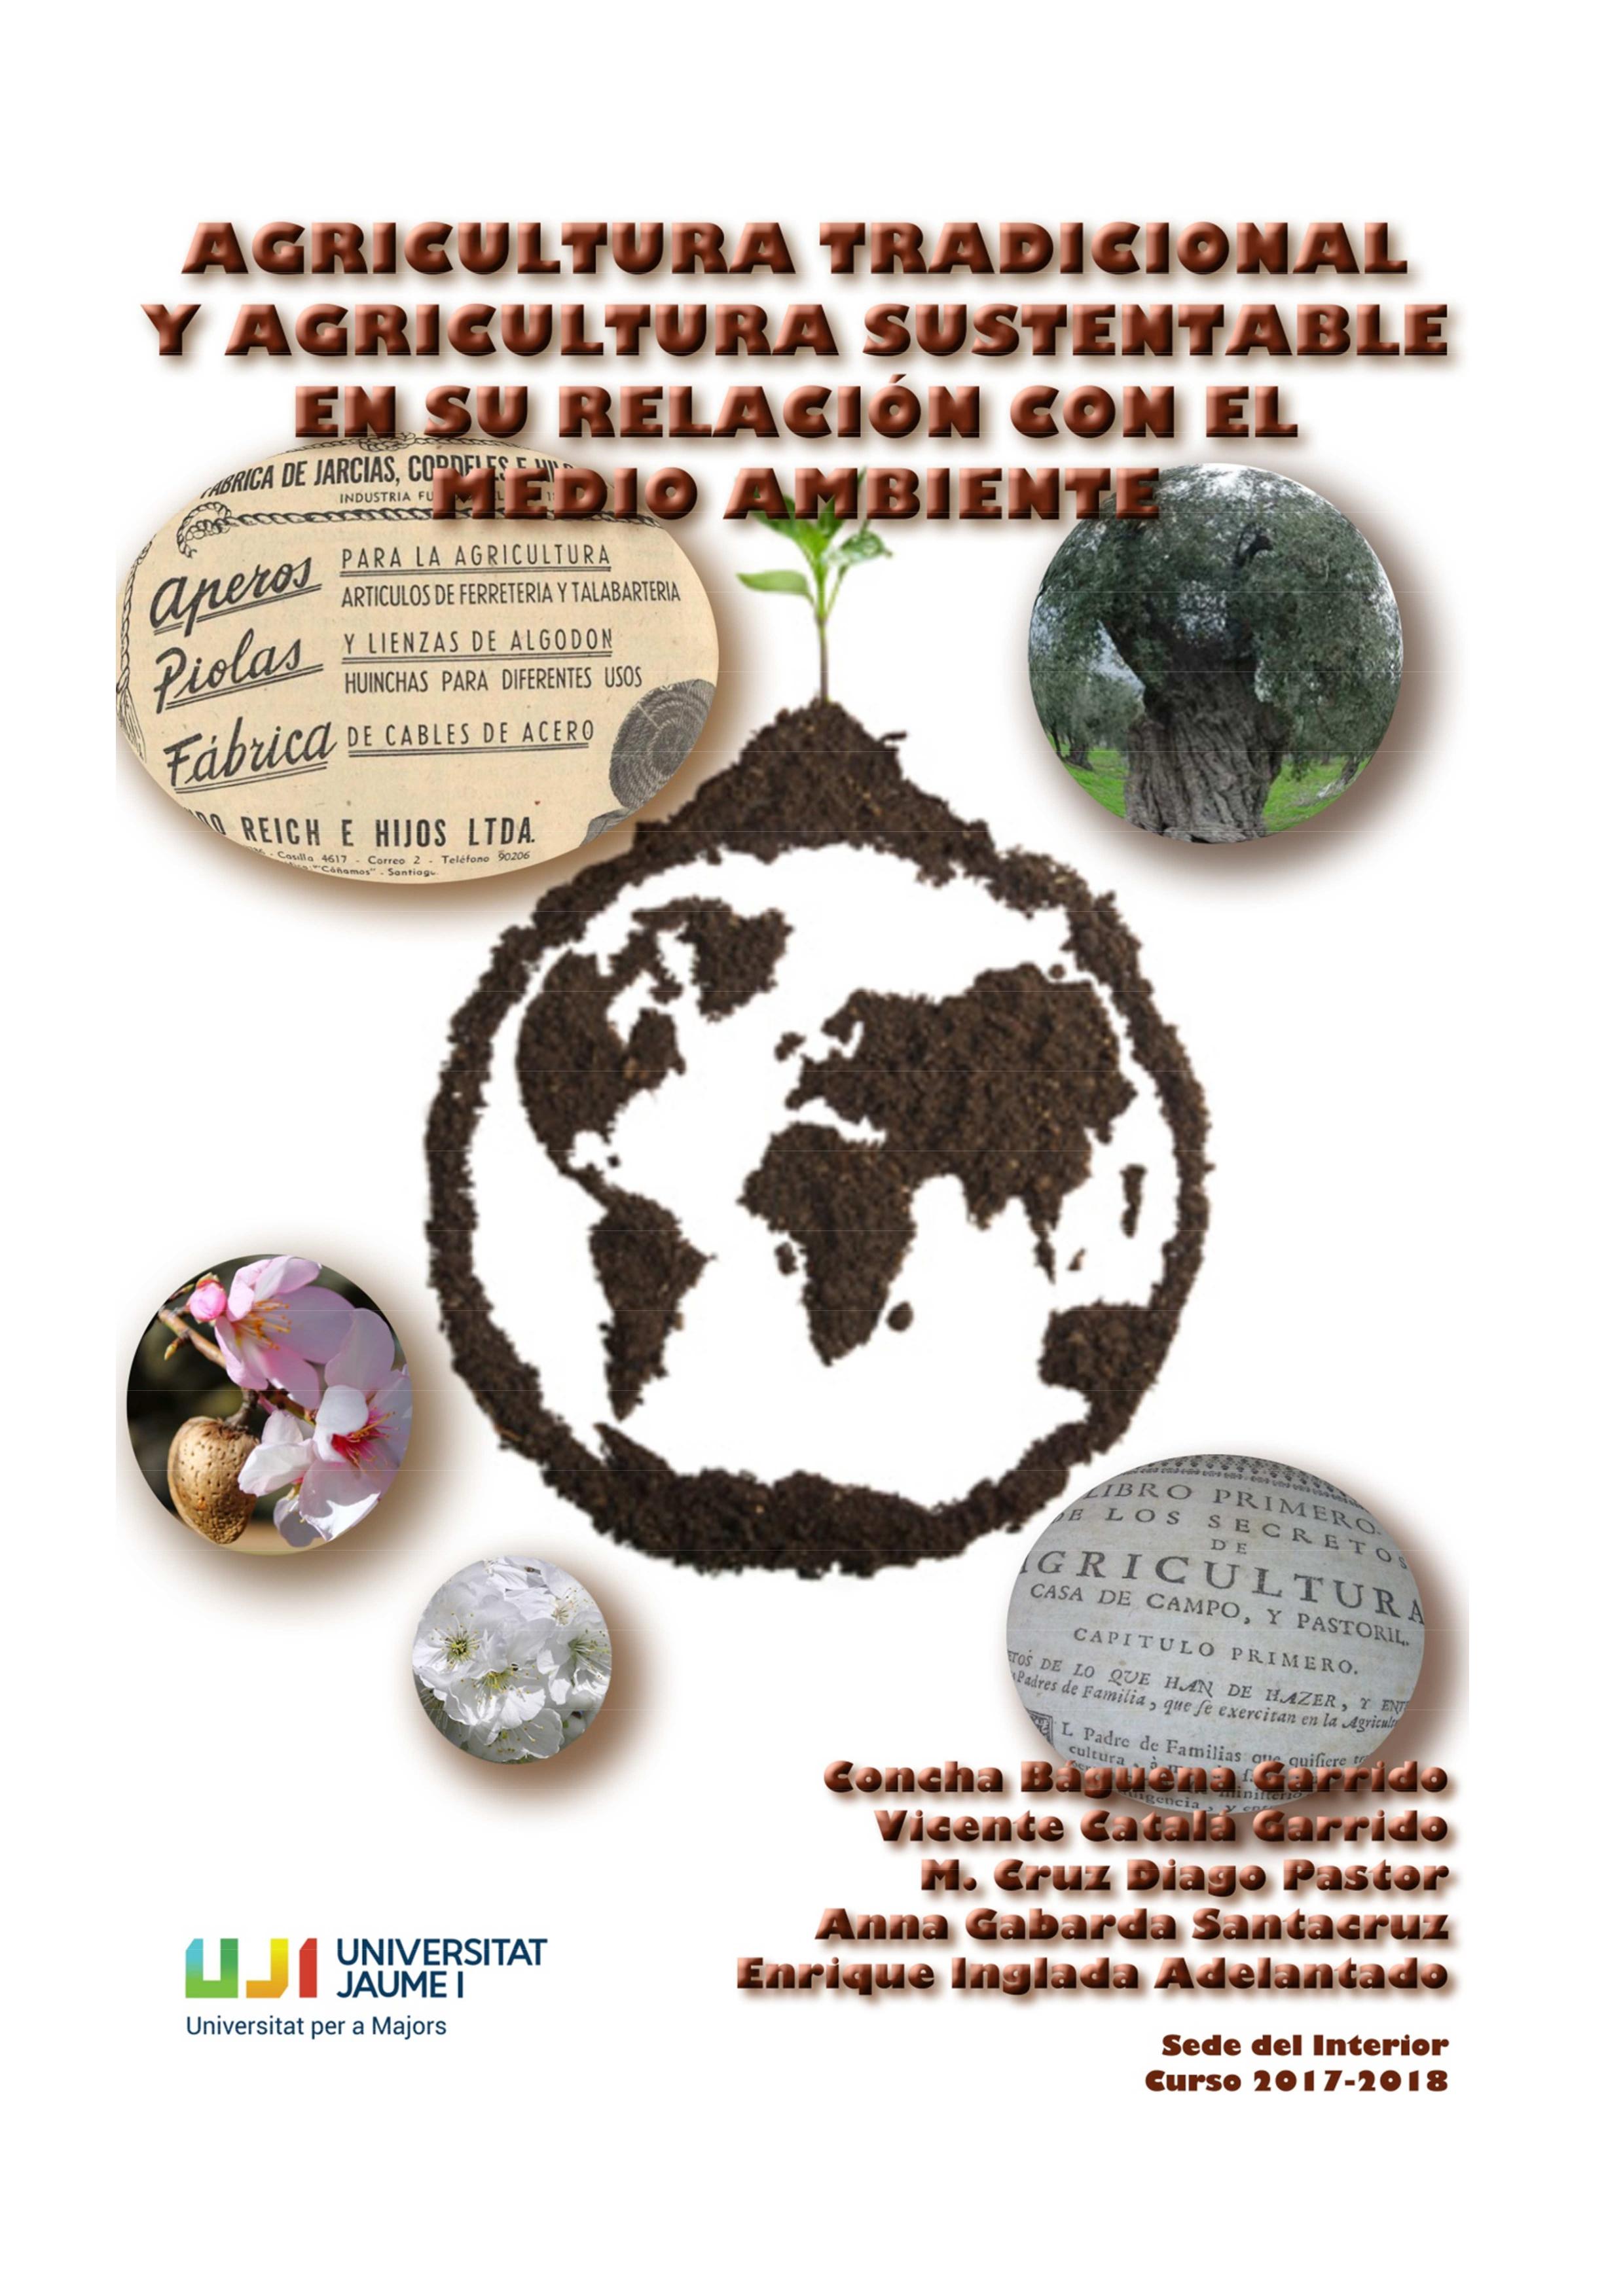 Agricultura-tradicional-y-agricultura-sustentable-en-su-relacion-con-el-Medio-Ambiente